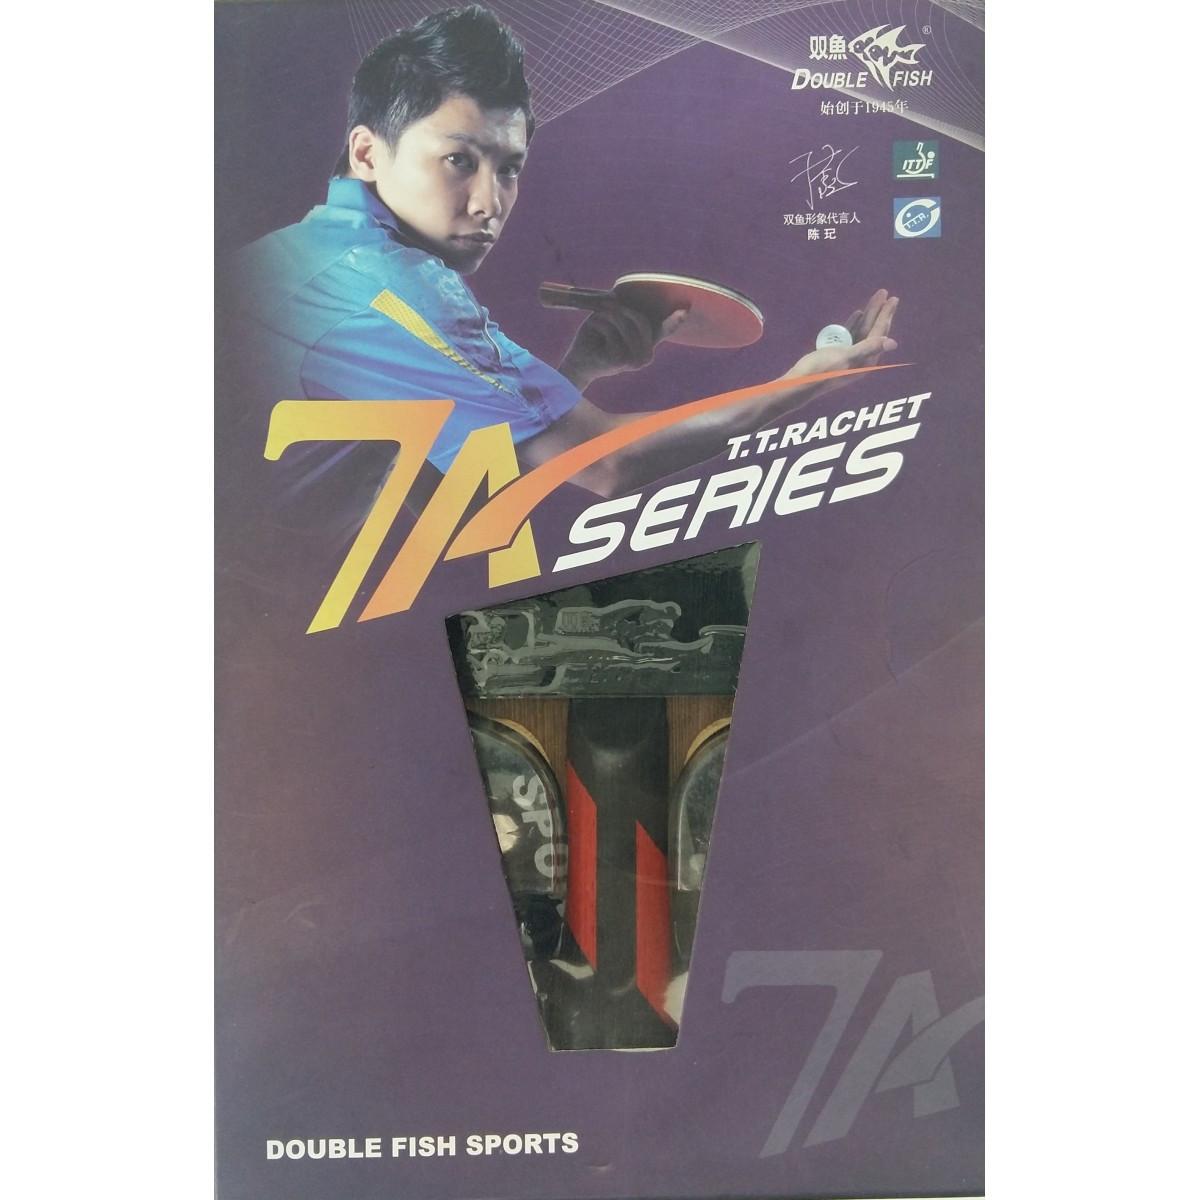 Ракетка для настольного тенниса Double Fish 7A SERIES